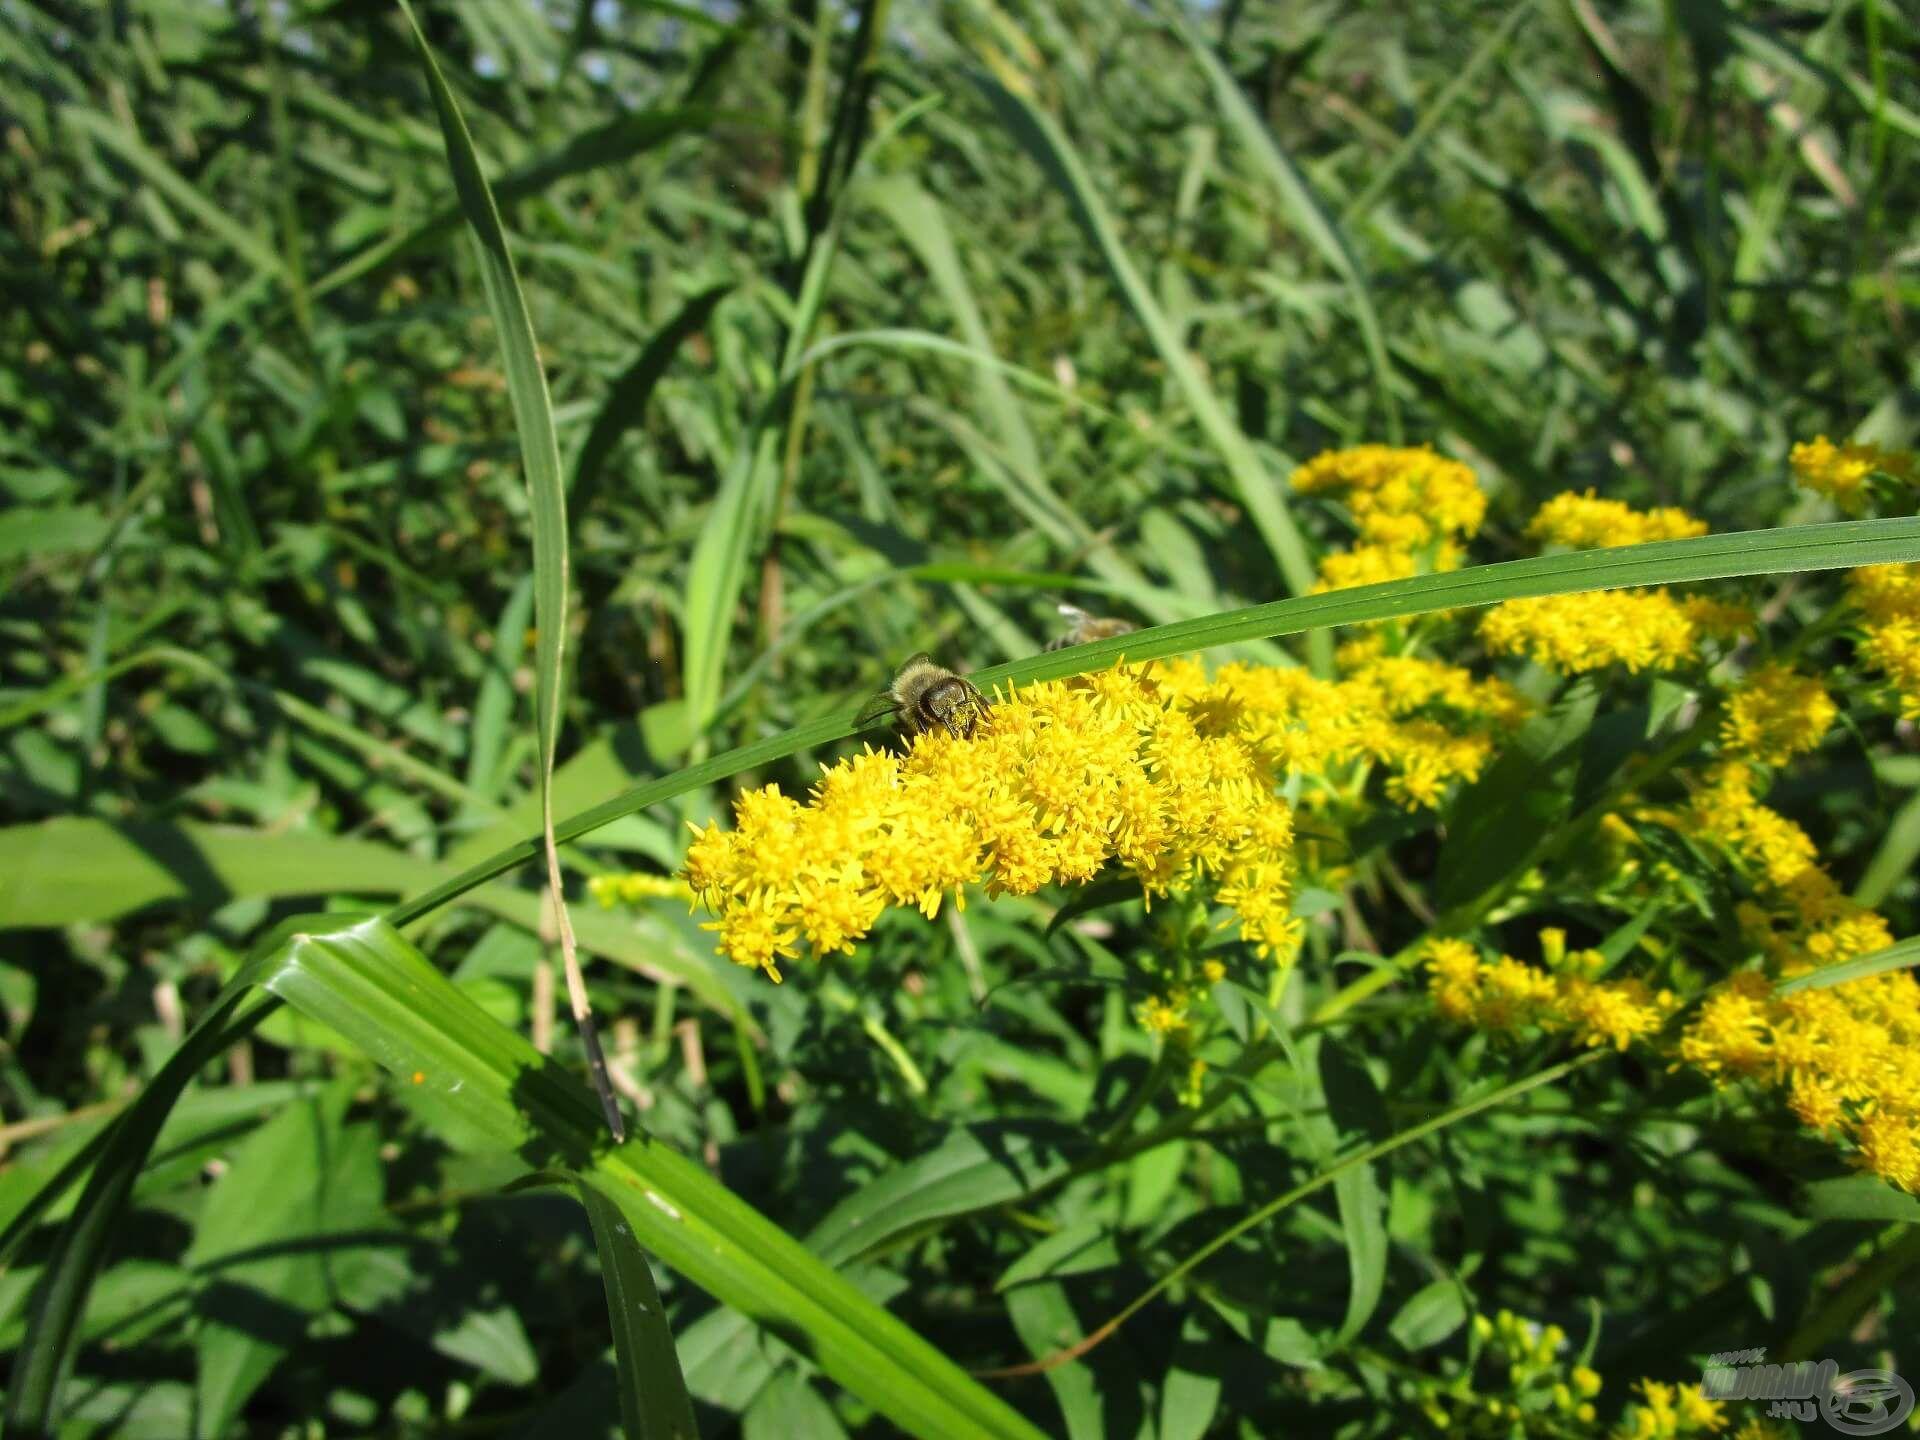 Ez a sárga virágú növény nem más, mint a magas aranyvessző. Idegenhonos faj, viszont jó mézelő